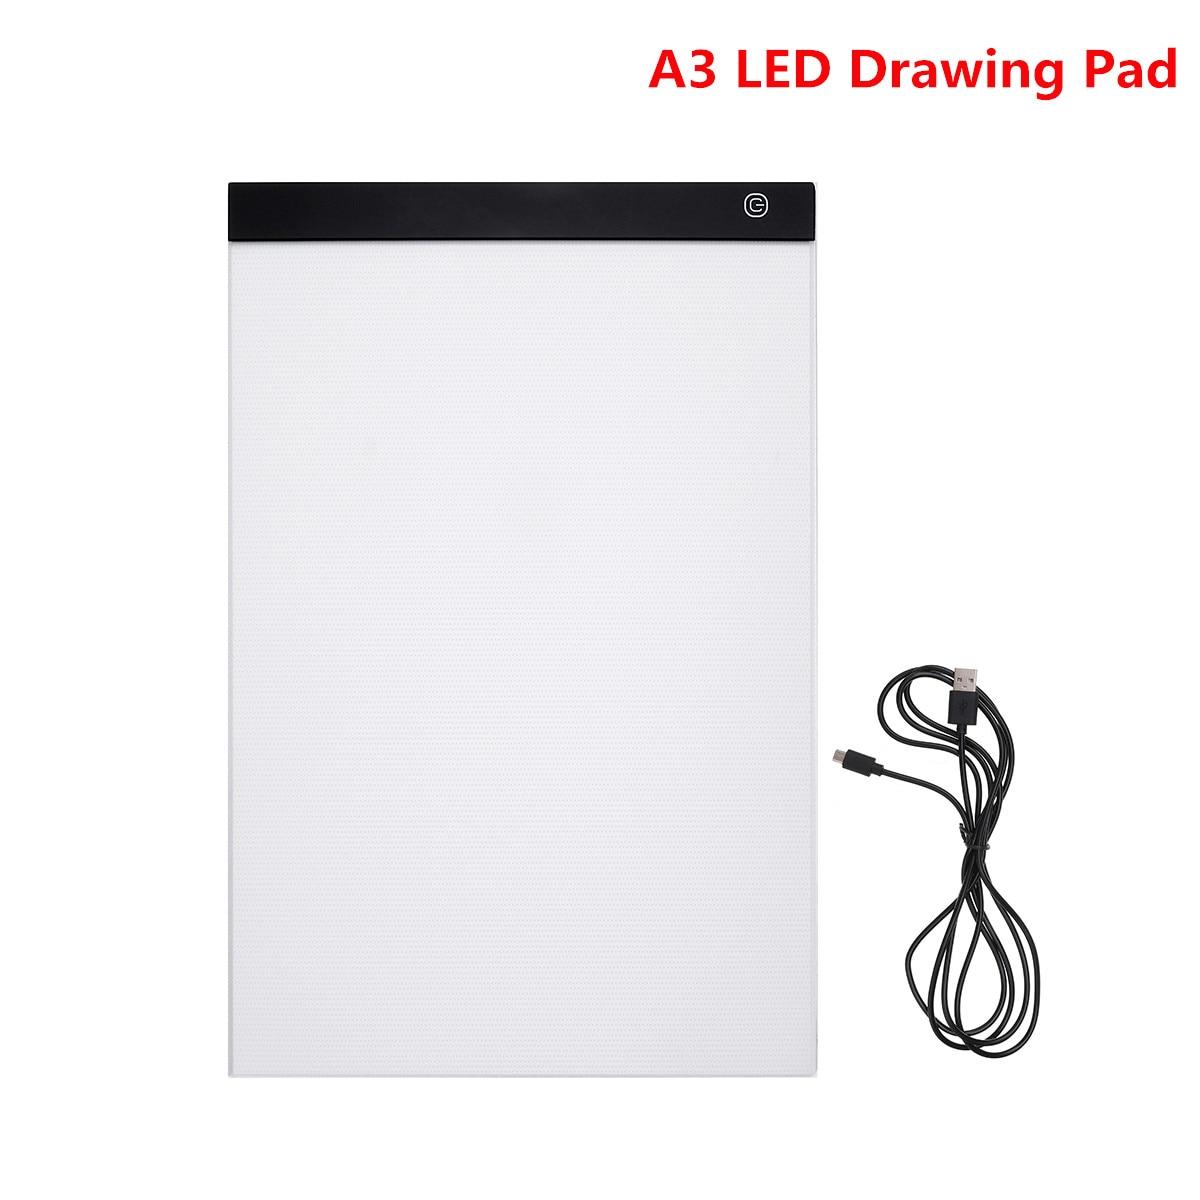 Hot Sale Tablet Drawing Pad A3 Led Drawing Pad Box Board Drawing